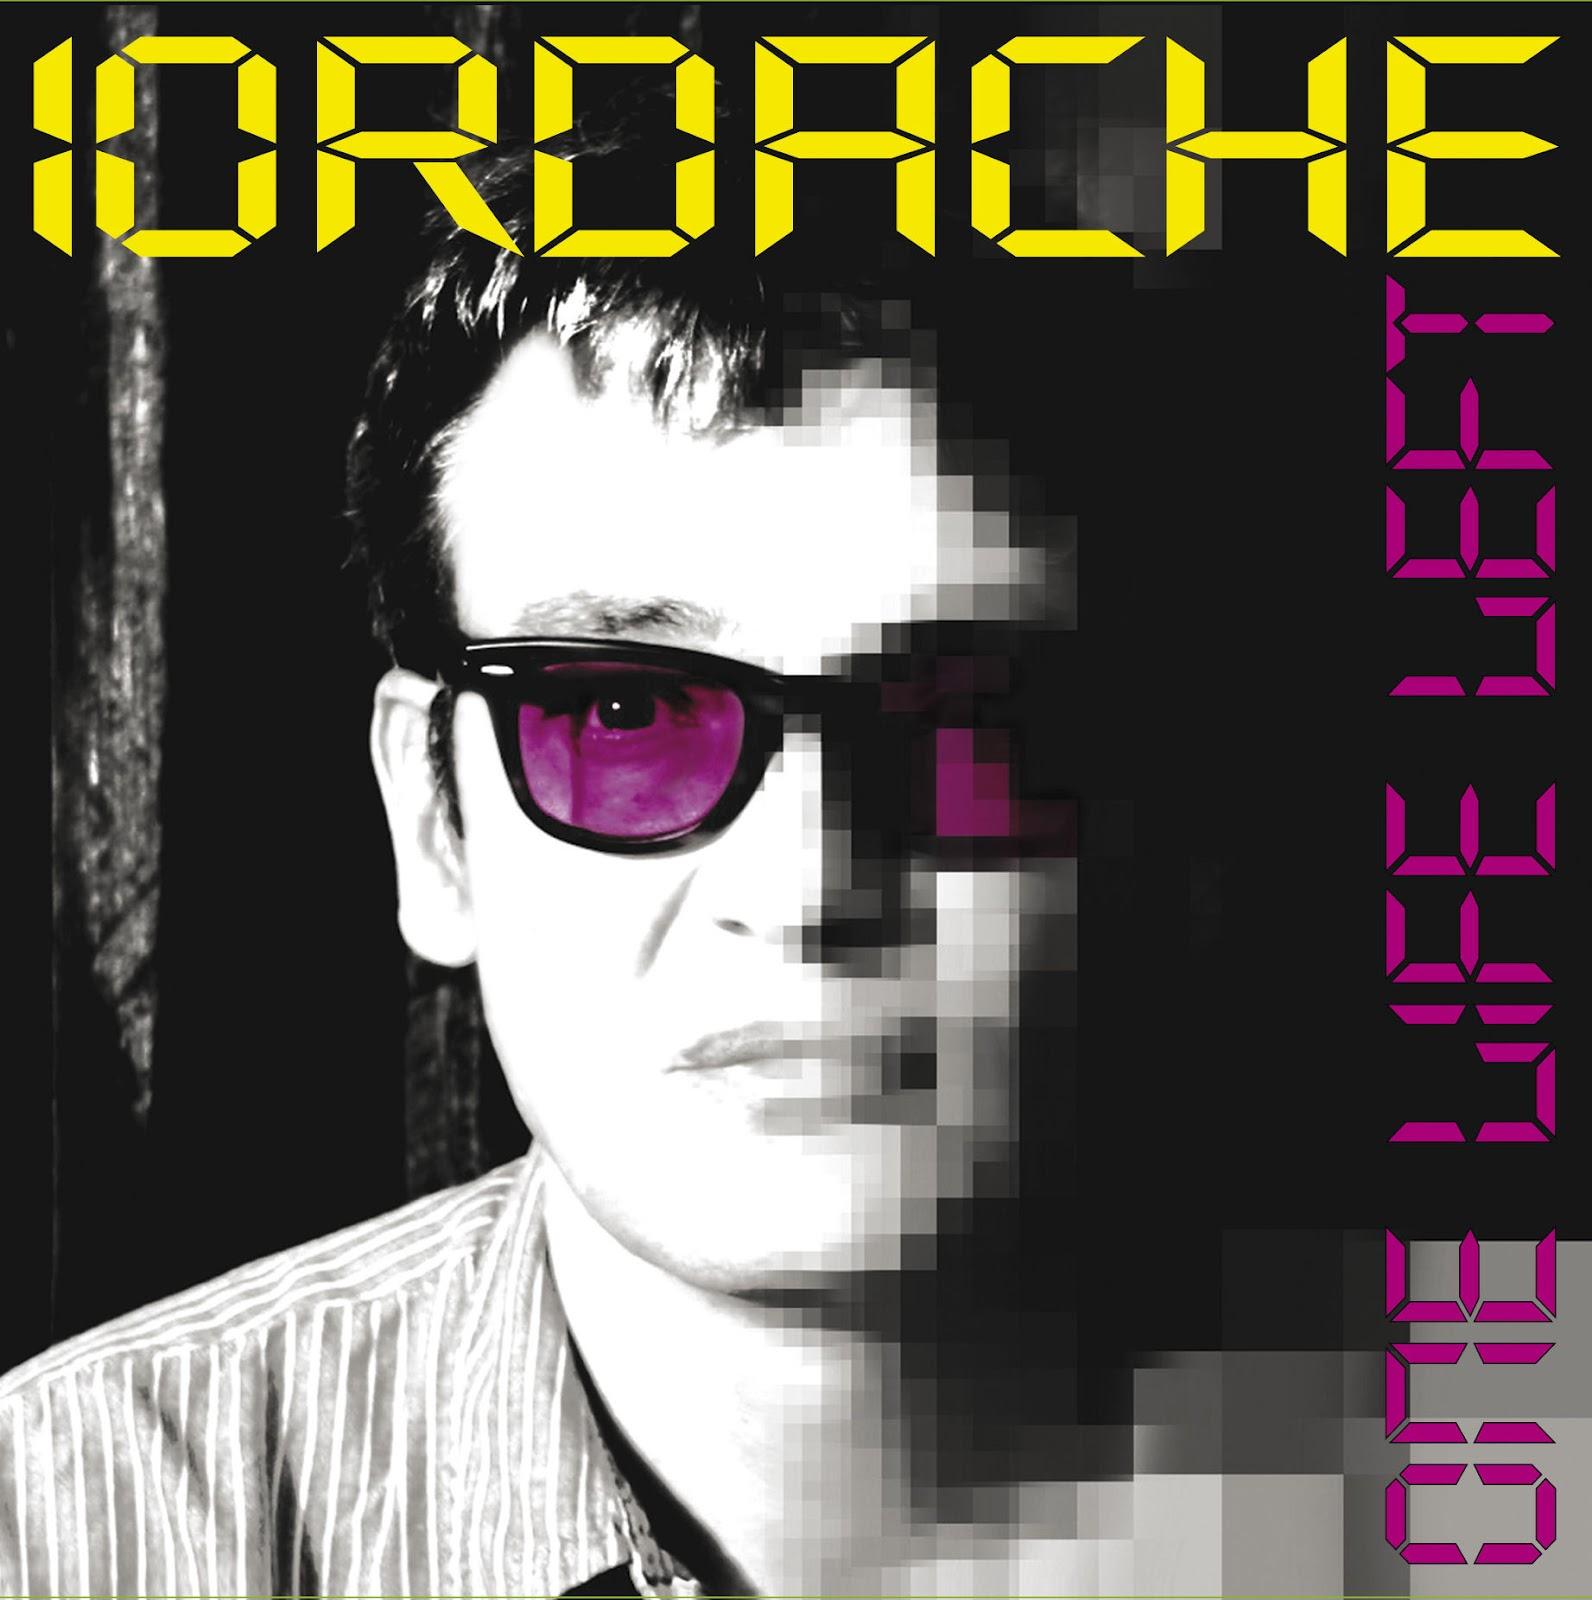 Iordache - One Life Left